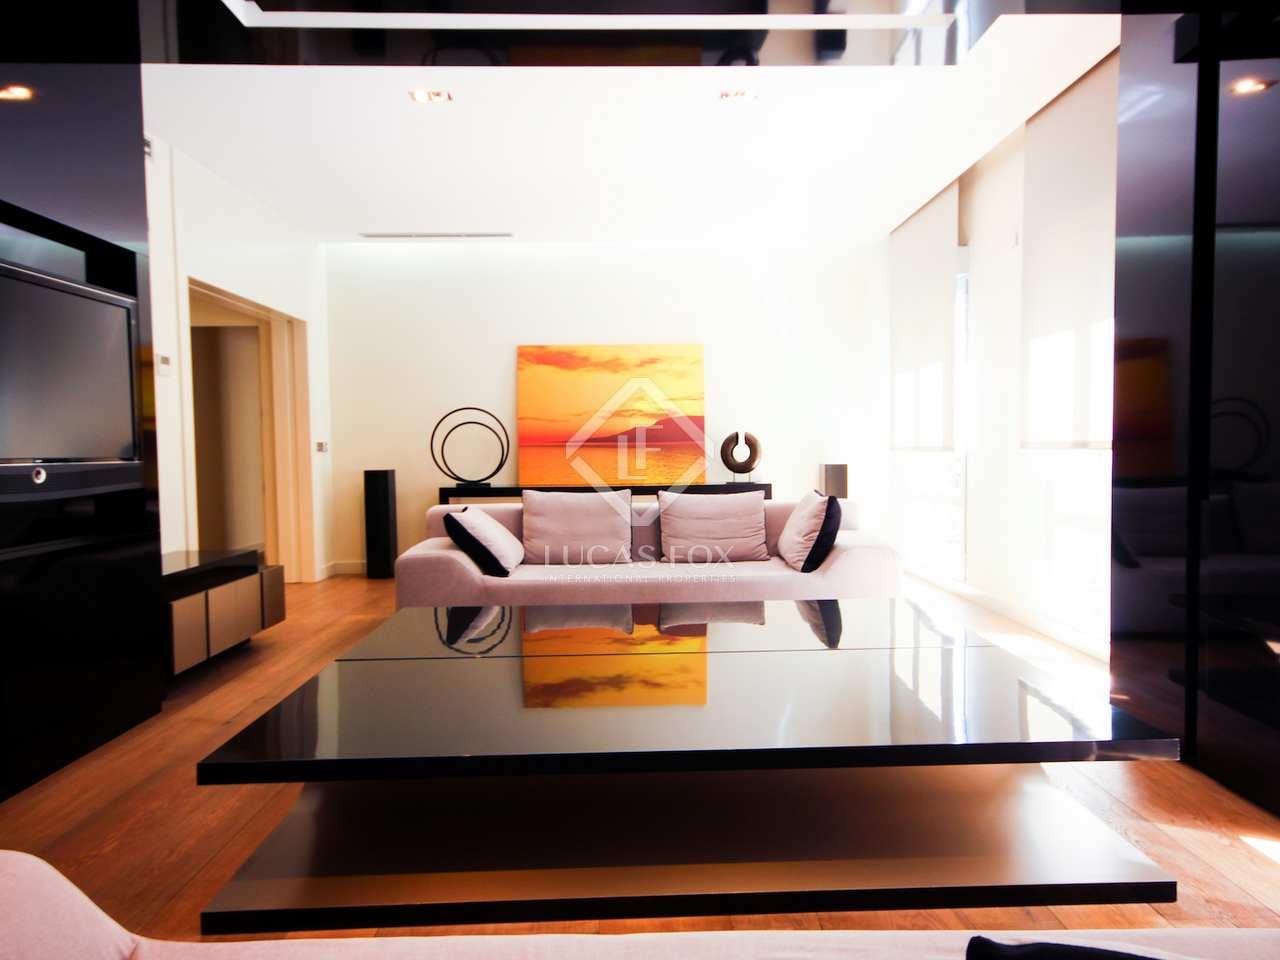 Apartamento de lujo de 4 dormitorios en alquiler en recoletos - Alquiler plazas de garaje madrid ...